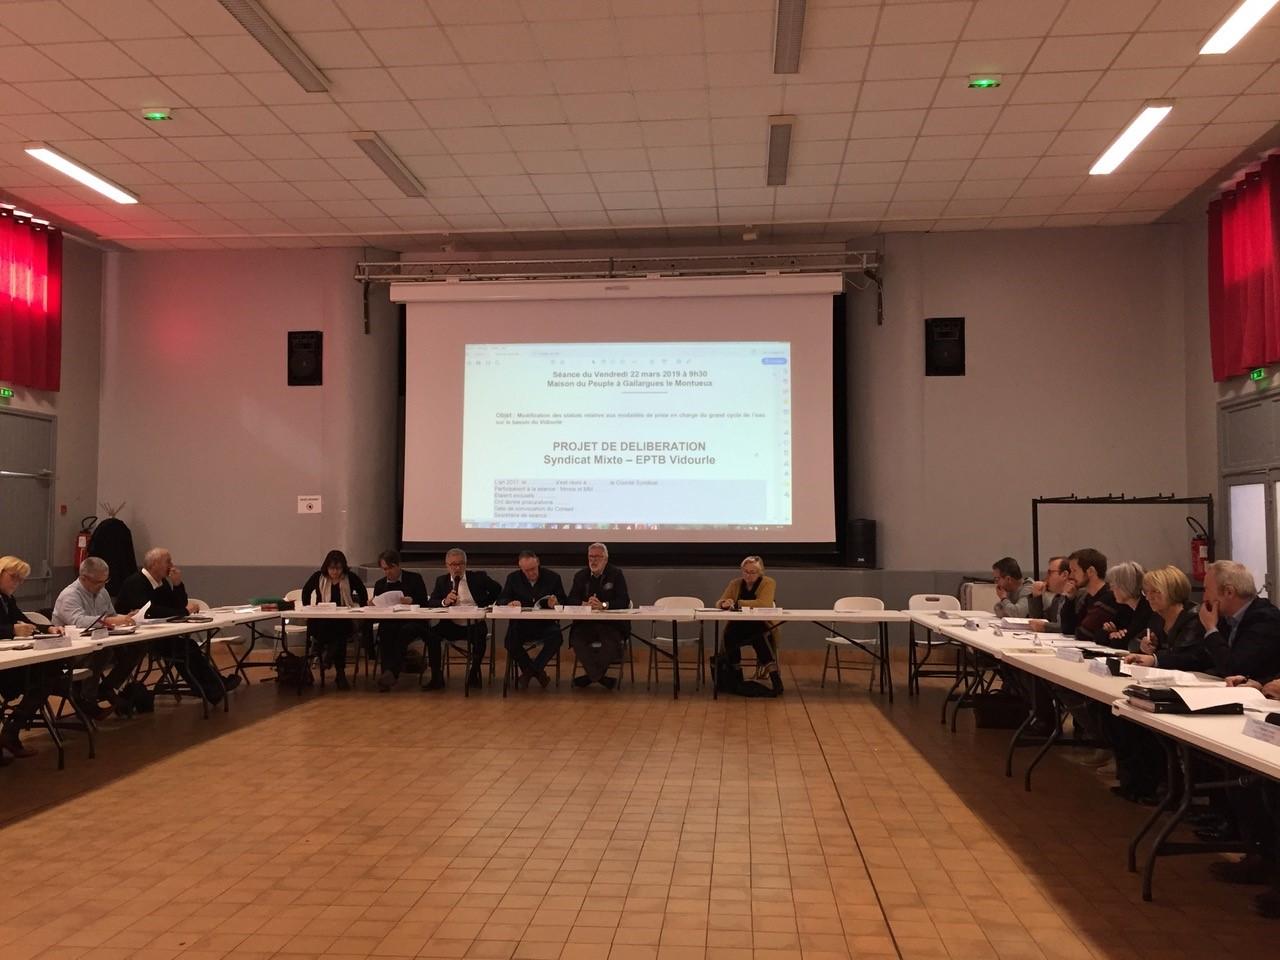 Le comité syndical de l'EPTB Vidourle s'est tenu vendredi 22 mars à Gallargues-Le-Montueux